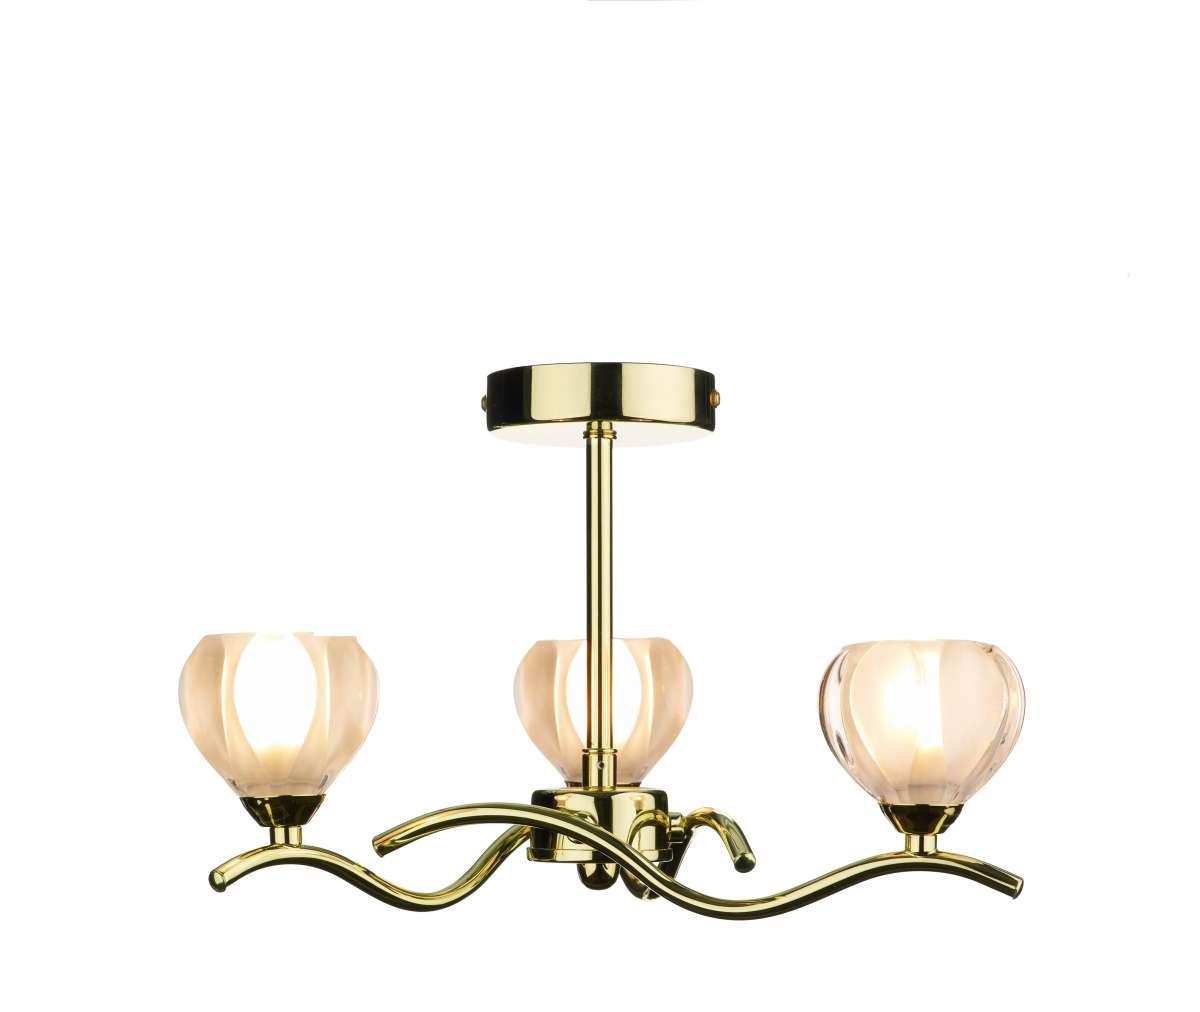 Cynthia 3-Light Polished Brass Semi-Flush Fitting